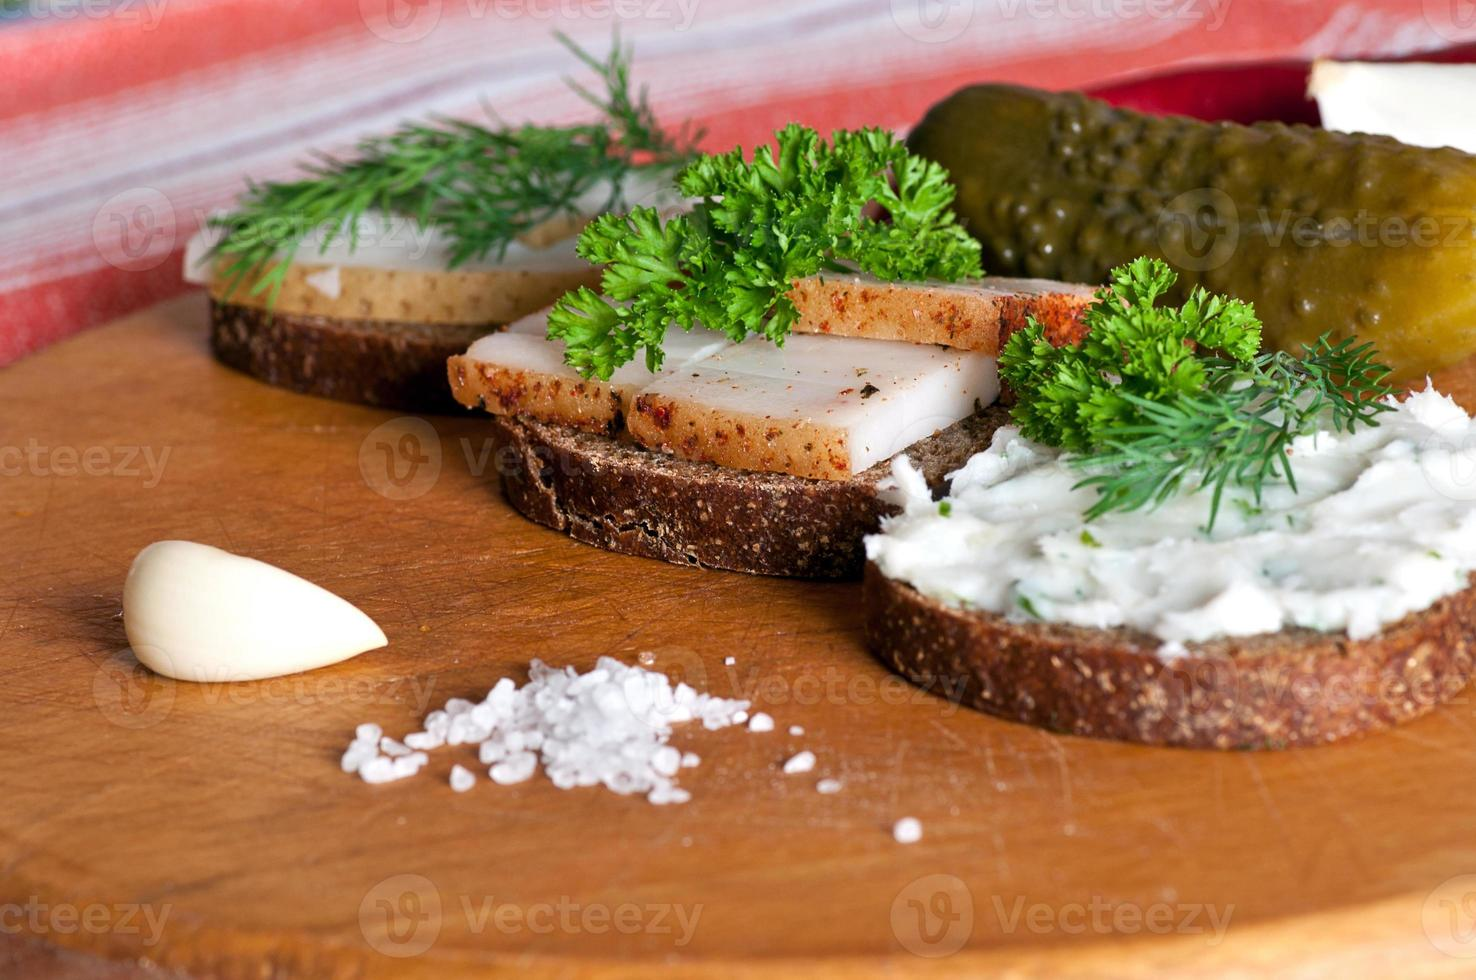 sándwiches con manteca de cerdo salada, condimentada y untada foto